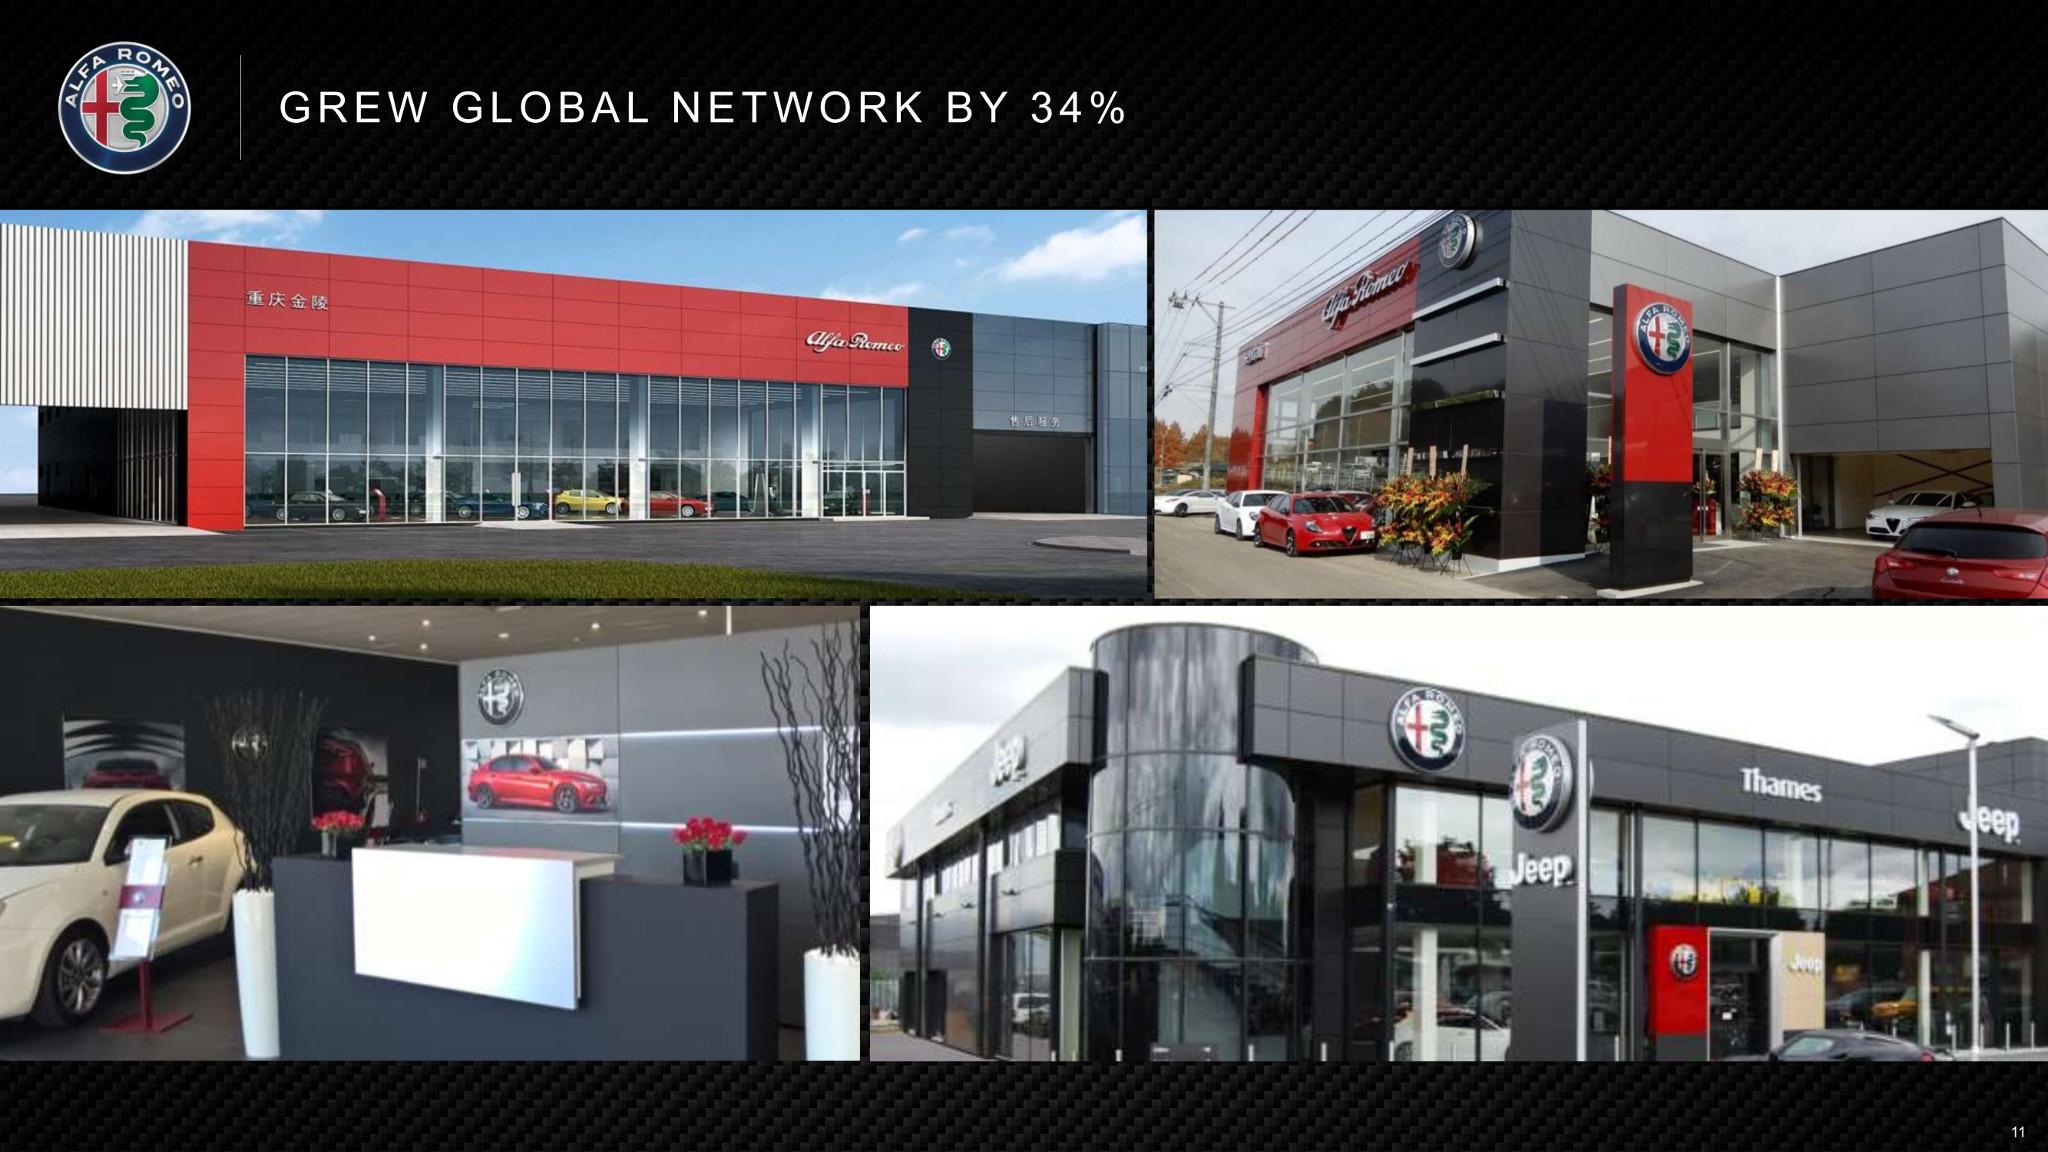 Nouveau nouveau nouveau nouveau nouveau nouveau plan produit FCA Fca_ju19